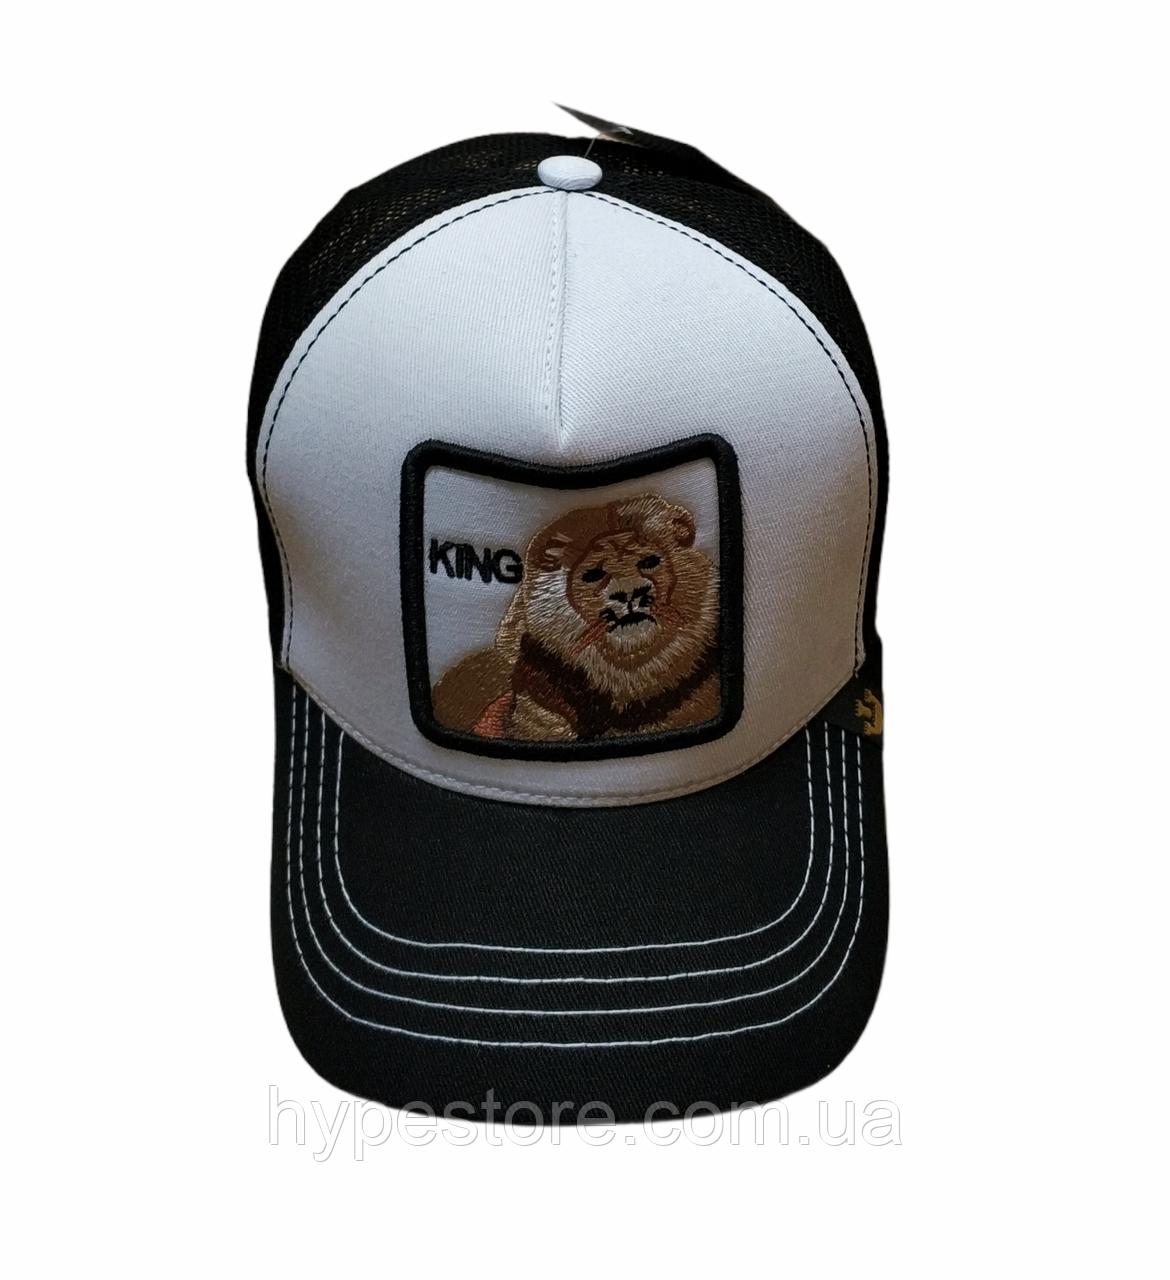 Стильная кепка тракер бейсболка, унисекс нашивка животных лев kihg Goorin Brothers